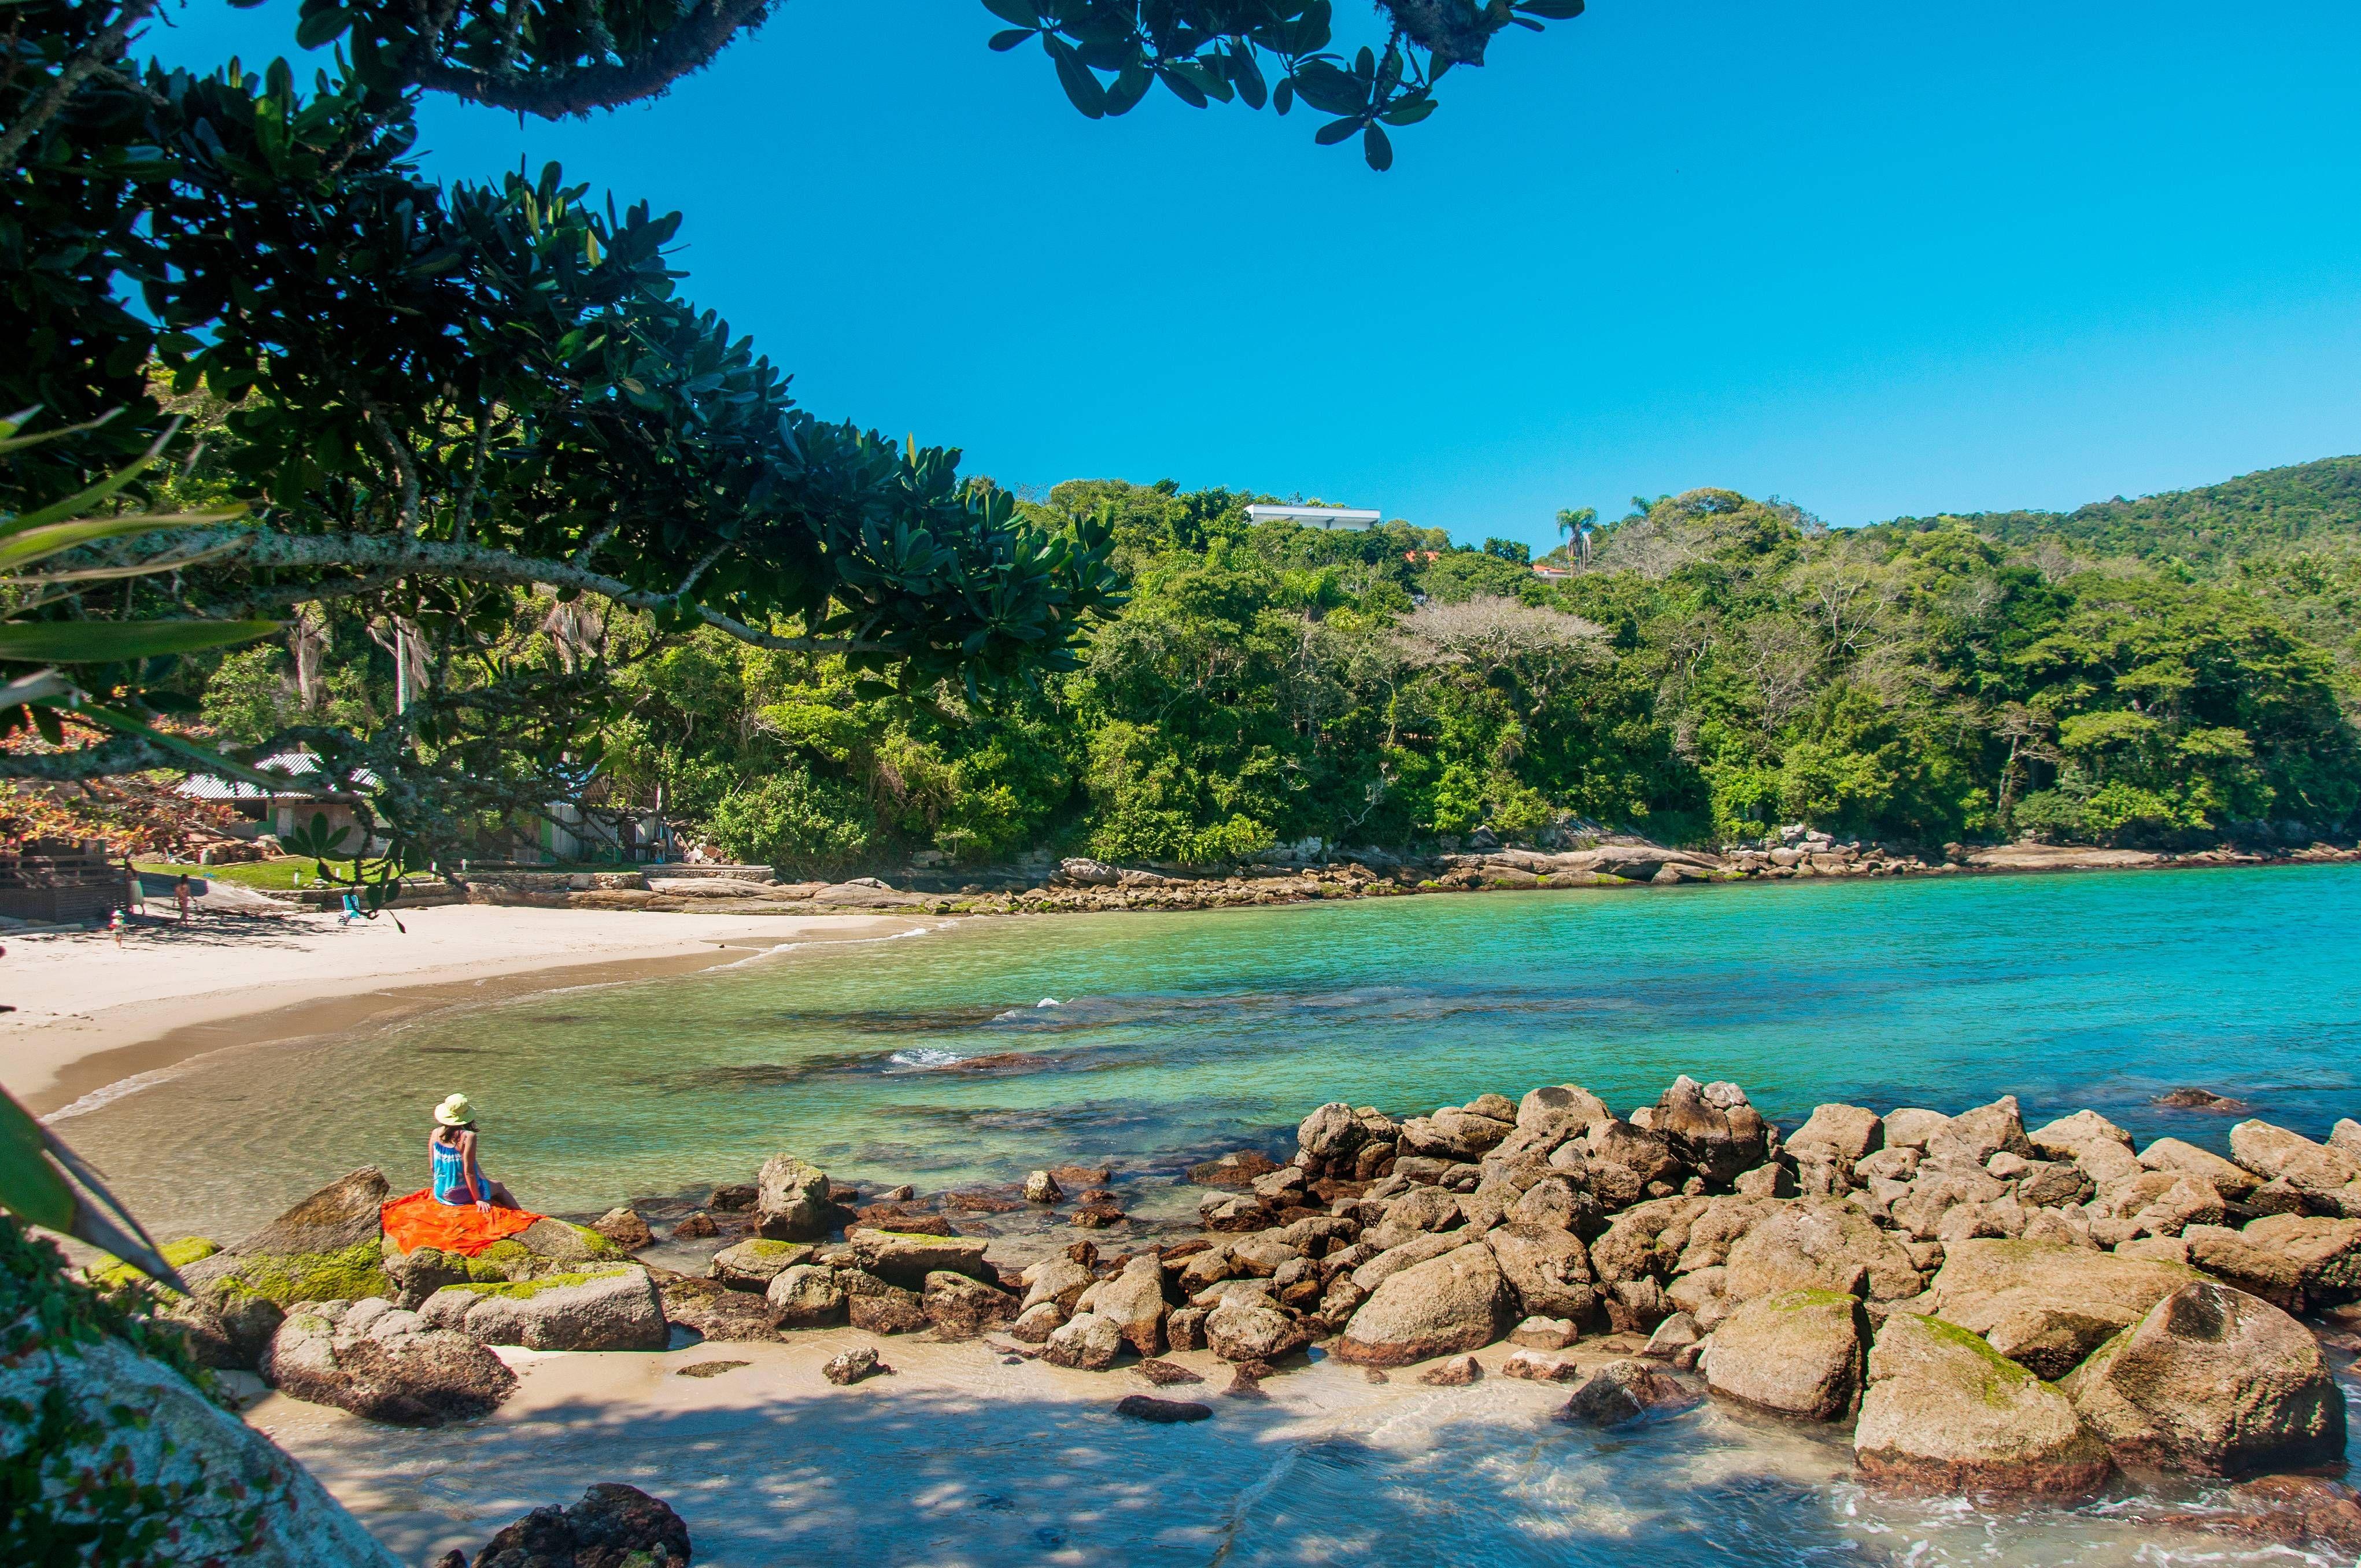 Piscinas naturais na Praia da Sepultura em Bombinhas/SC, Brasil. | Viagem  turismo, Praias sc, Praia de bombinhas sc